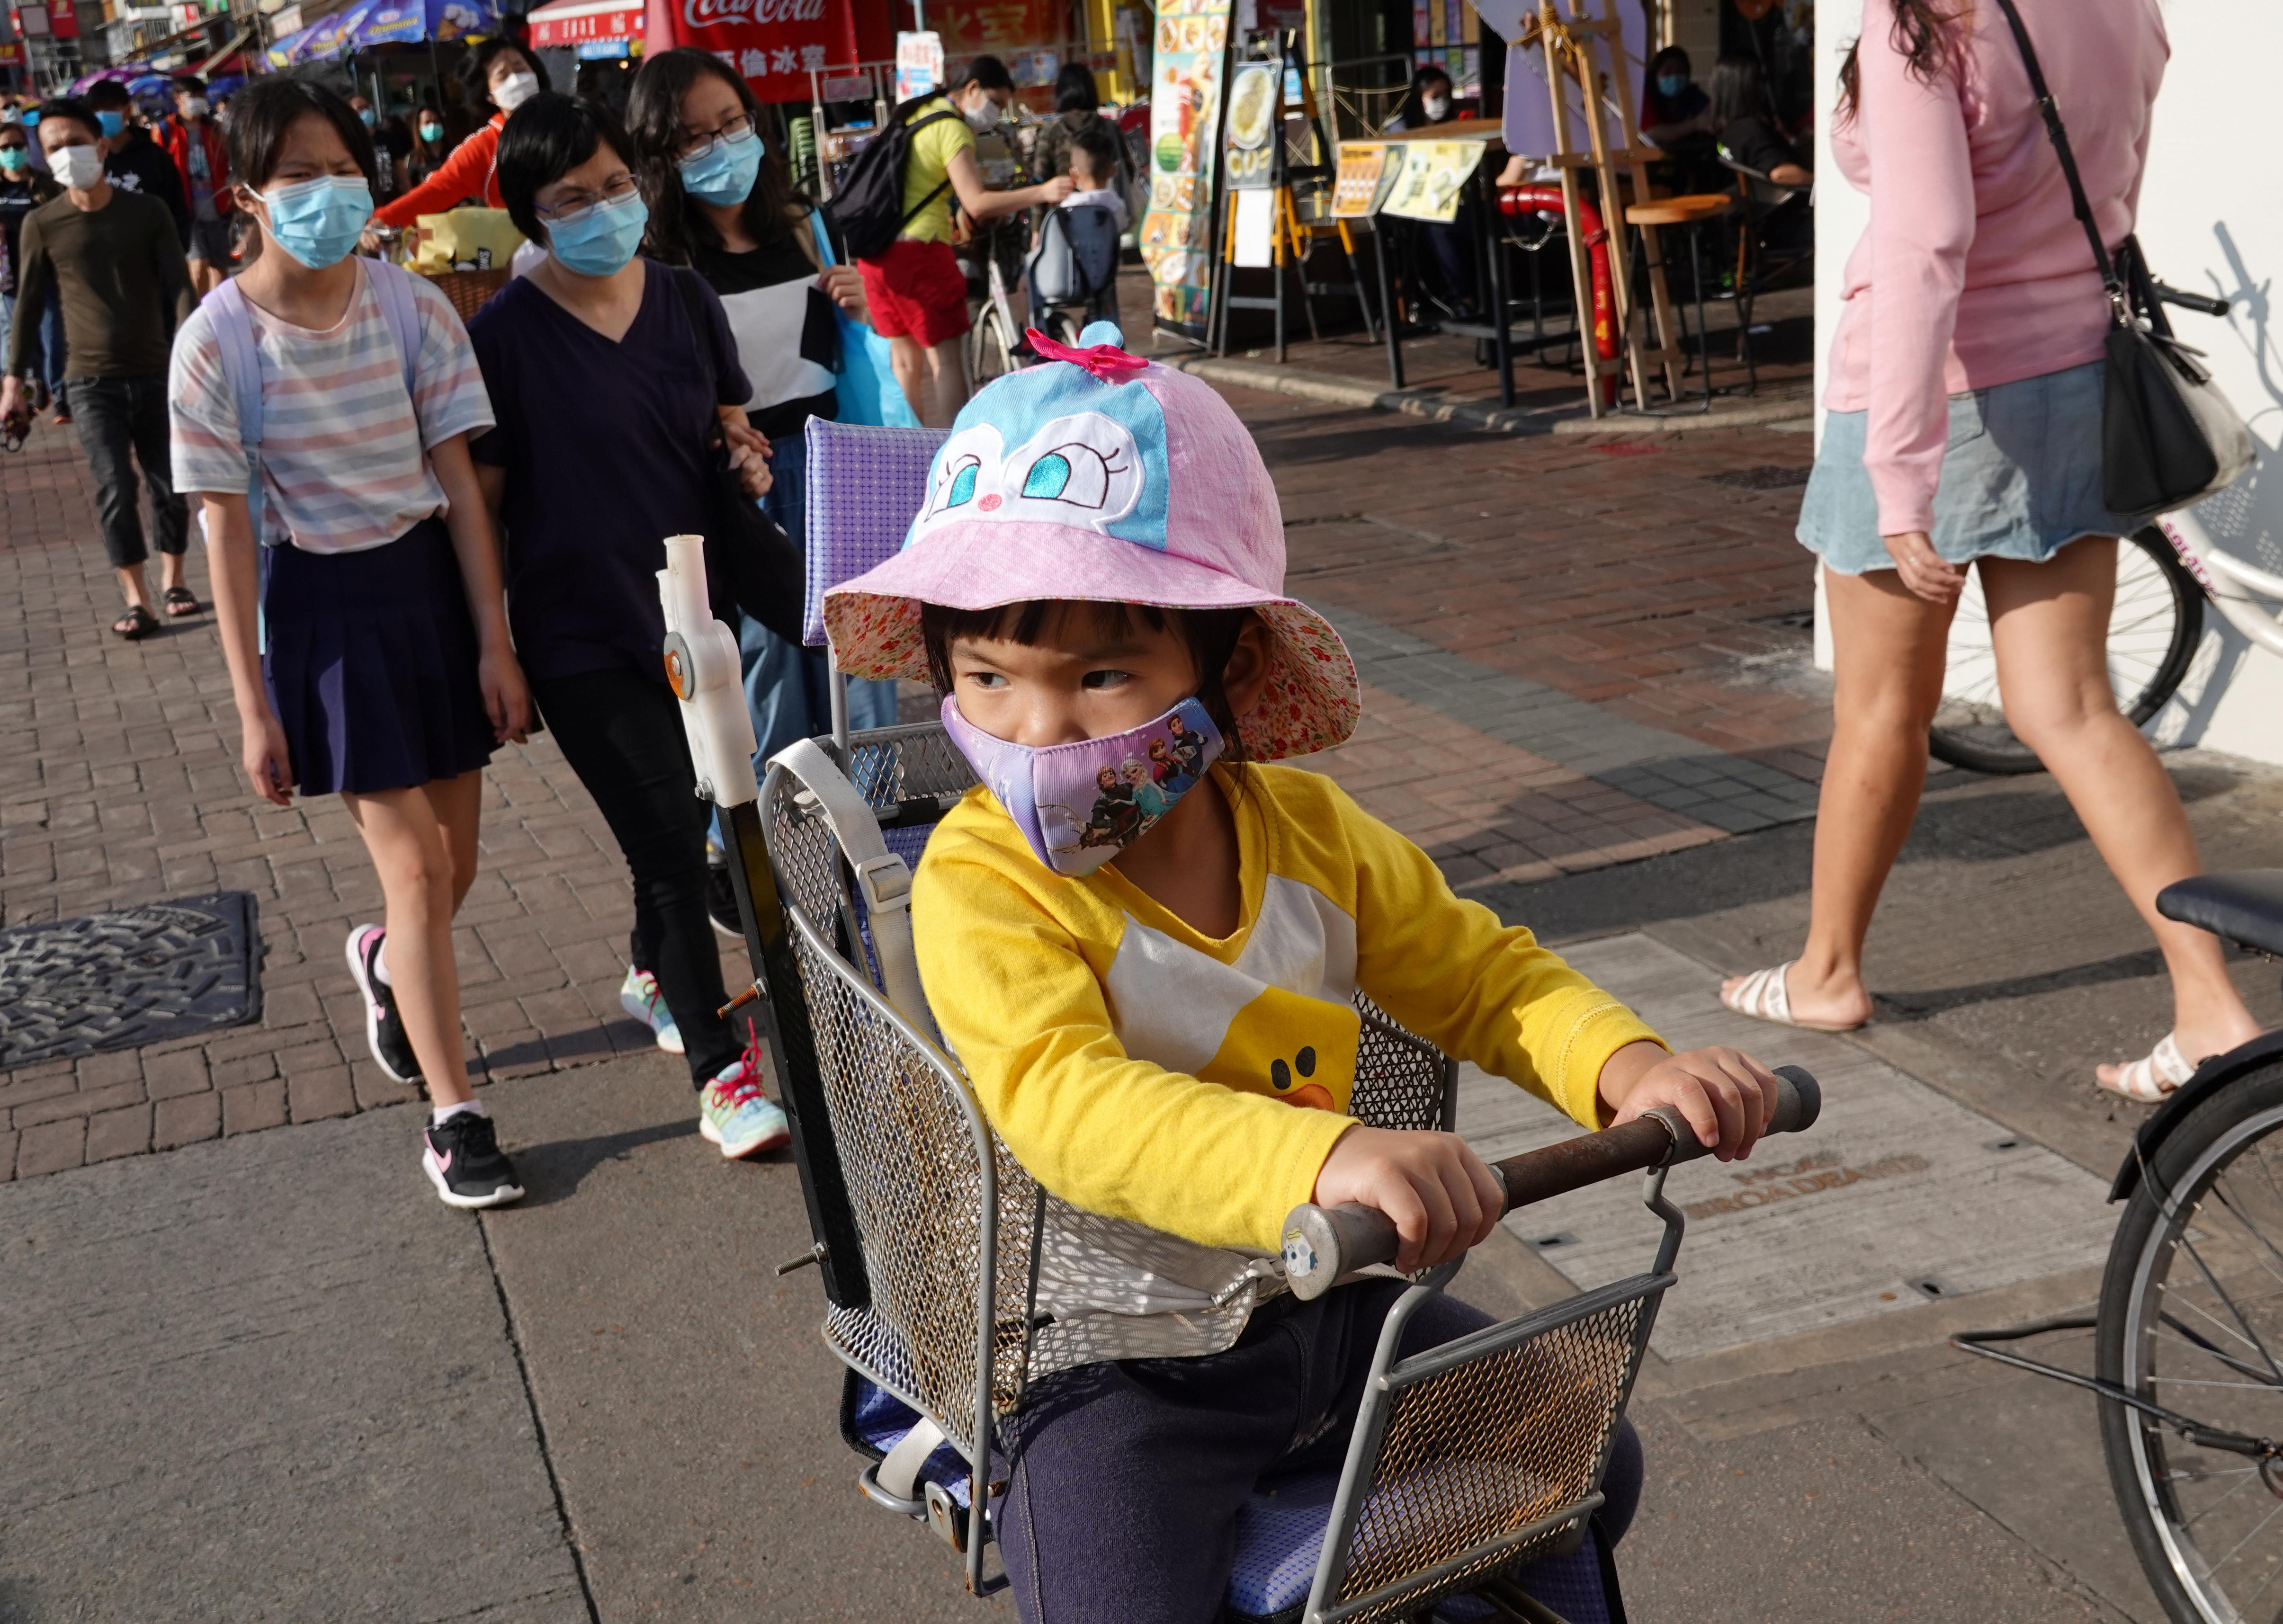 CHINA - La gente salió a la calle en Hong Kong, durante la jornada del 12 de abril, fecha en la que los católicos celebran el Domingo de Pascuas